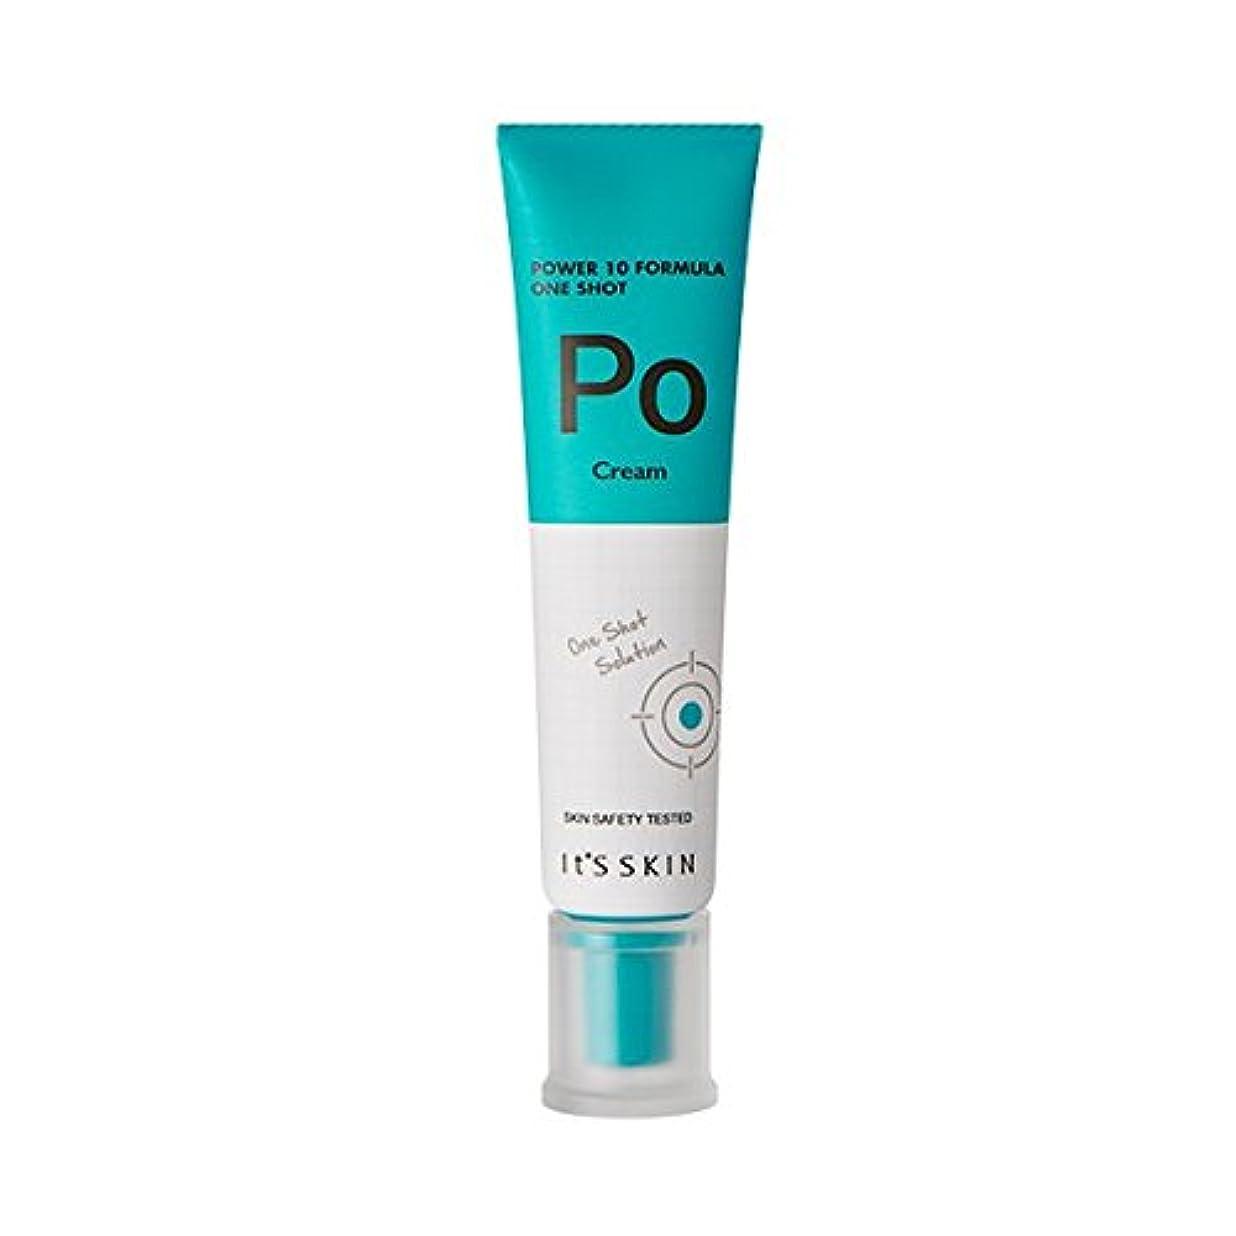 材料プレーヤー分類する[New] It's Skin Power 10 Formula One Shot Cream (Po) / イッツスキンパワー10 フォーミュラワンショットクリーム [並行輸入品]